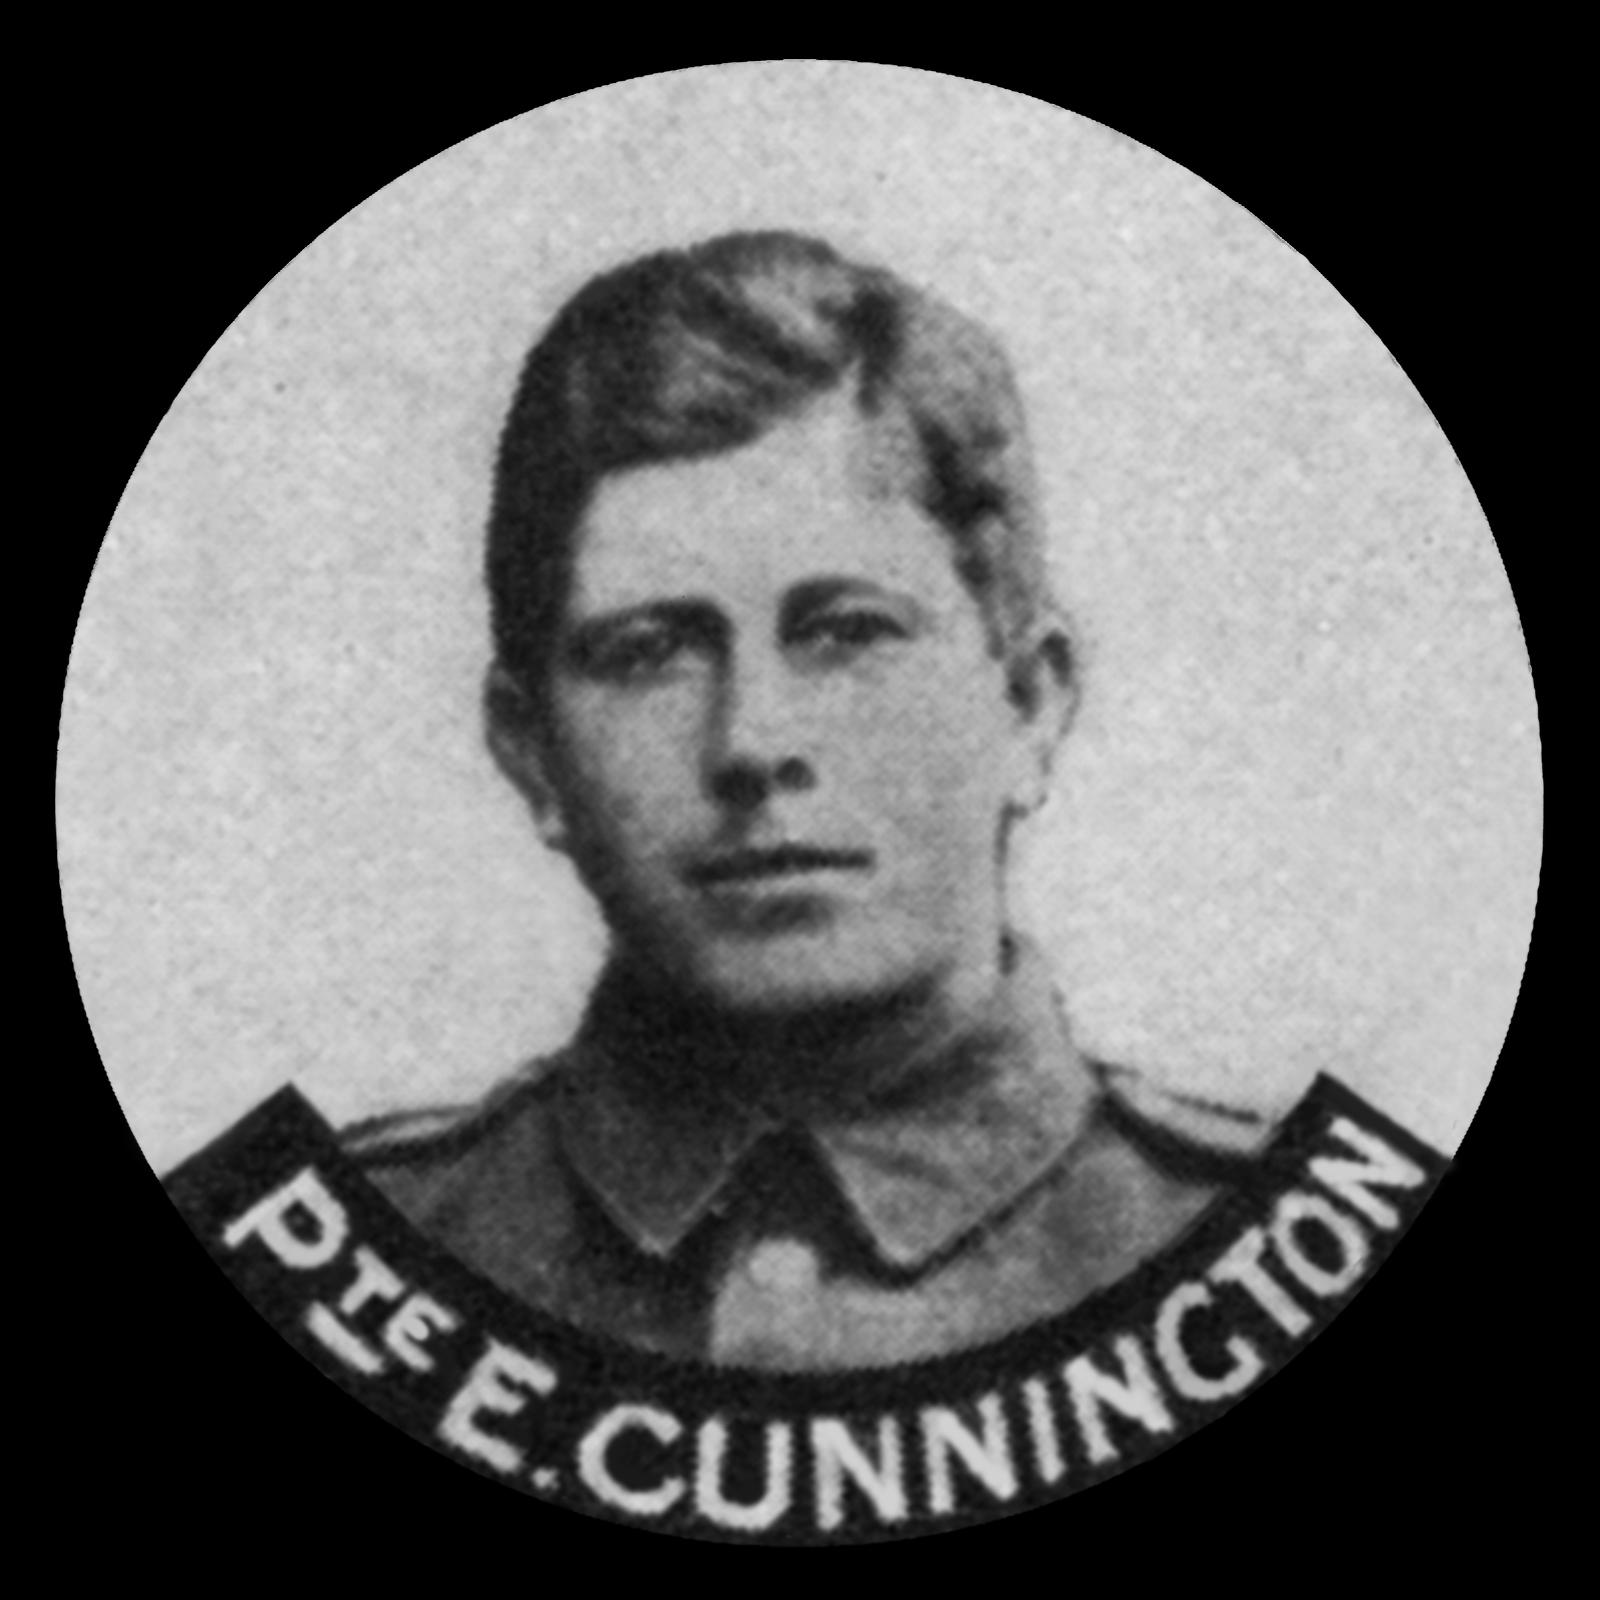 CUNNINGTON Ernest